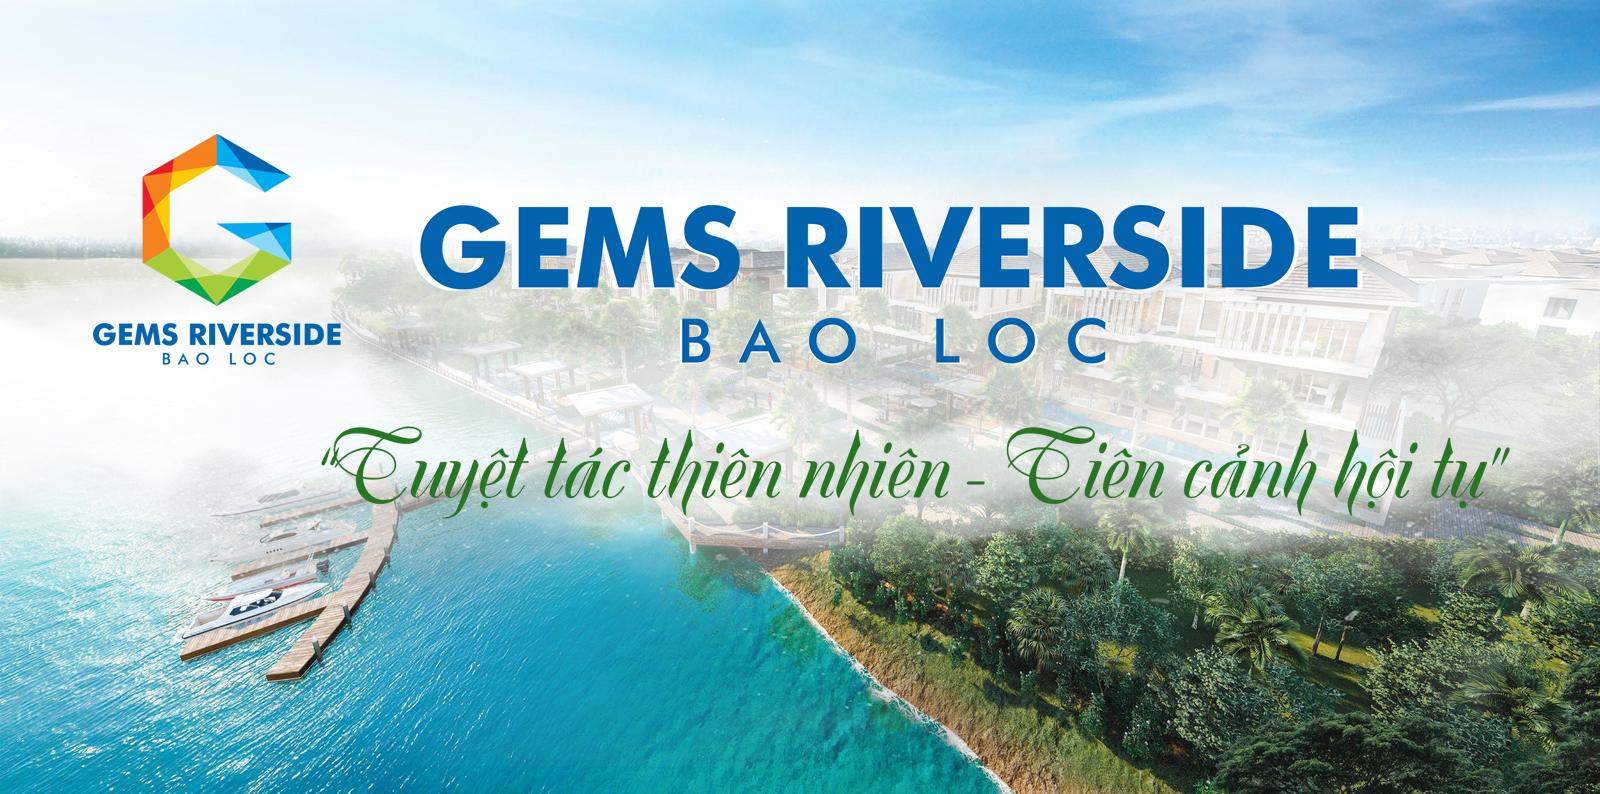 Dự án đất nền nghĩ dưỡng Bảo Lộc Gems Riverside Lâm Đồng